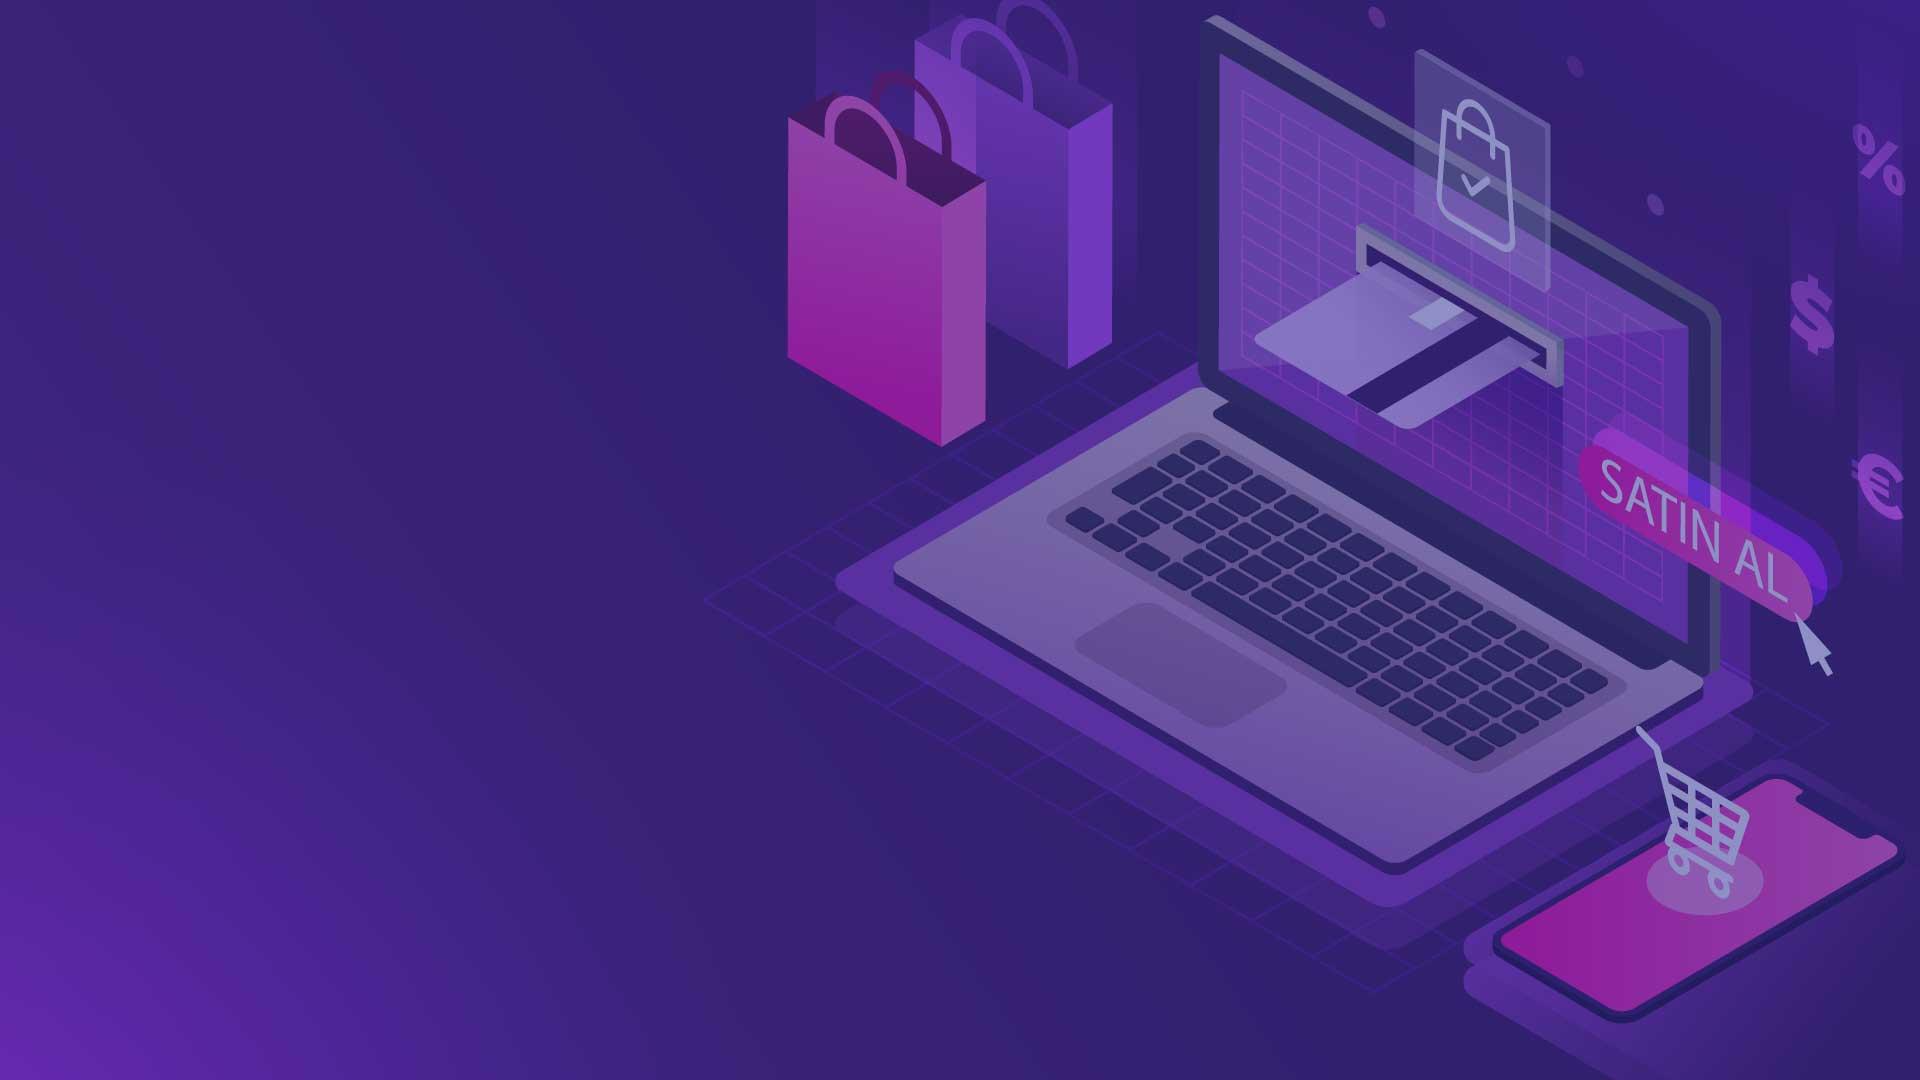 İşinizi e-ticaret'e taşıyın!